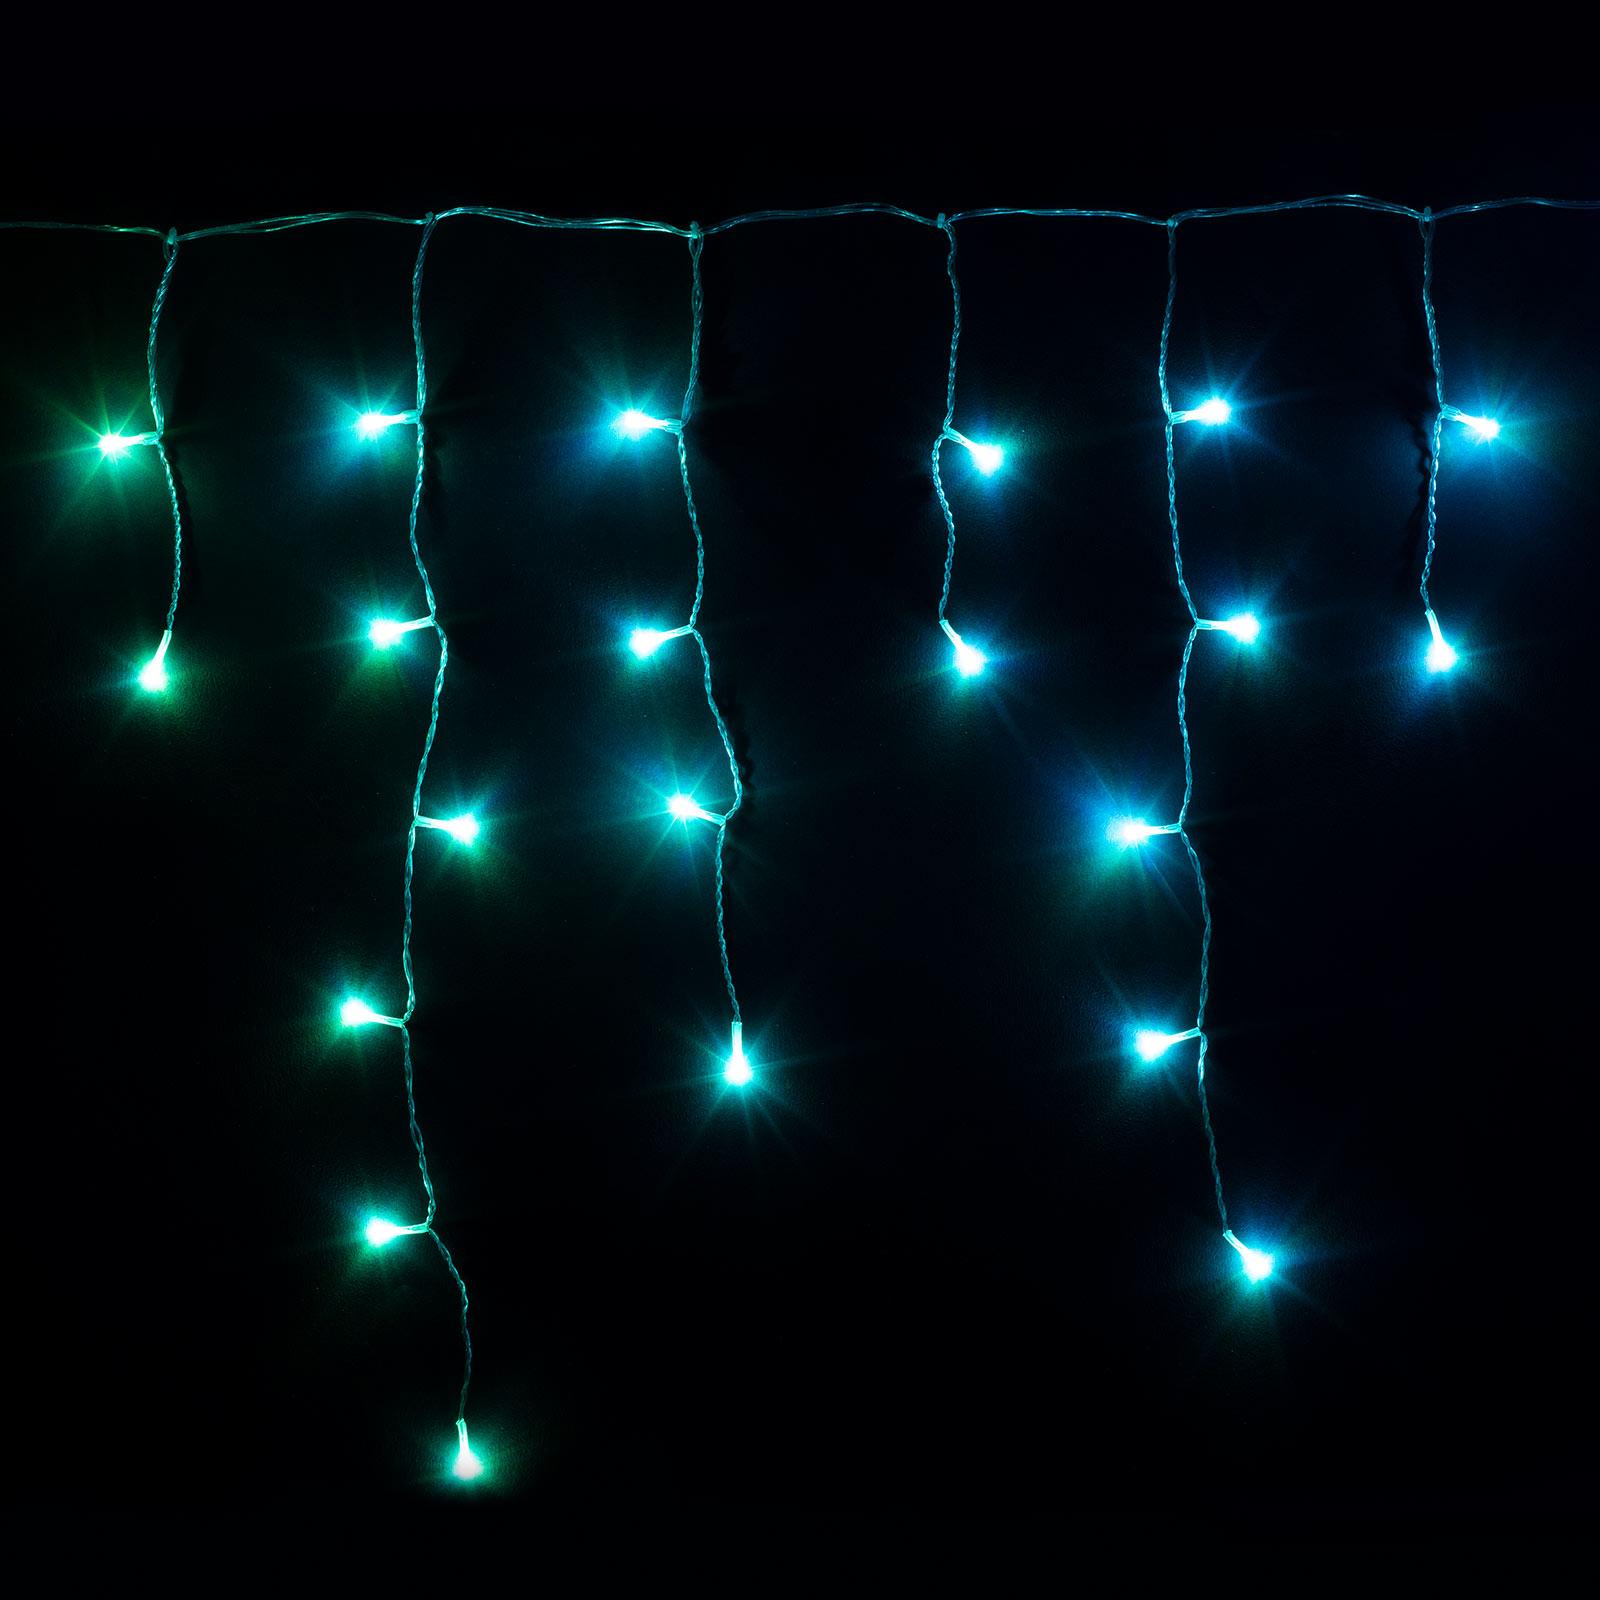 Slimme LED lichtgordijn Twinkly voor App, RGBW